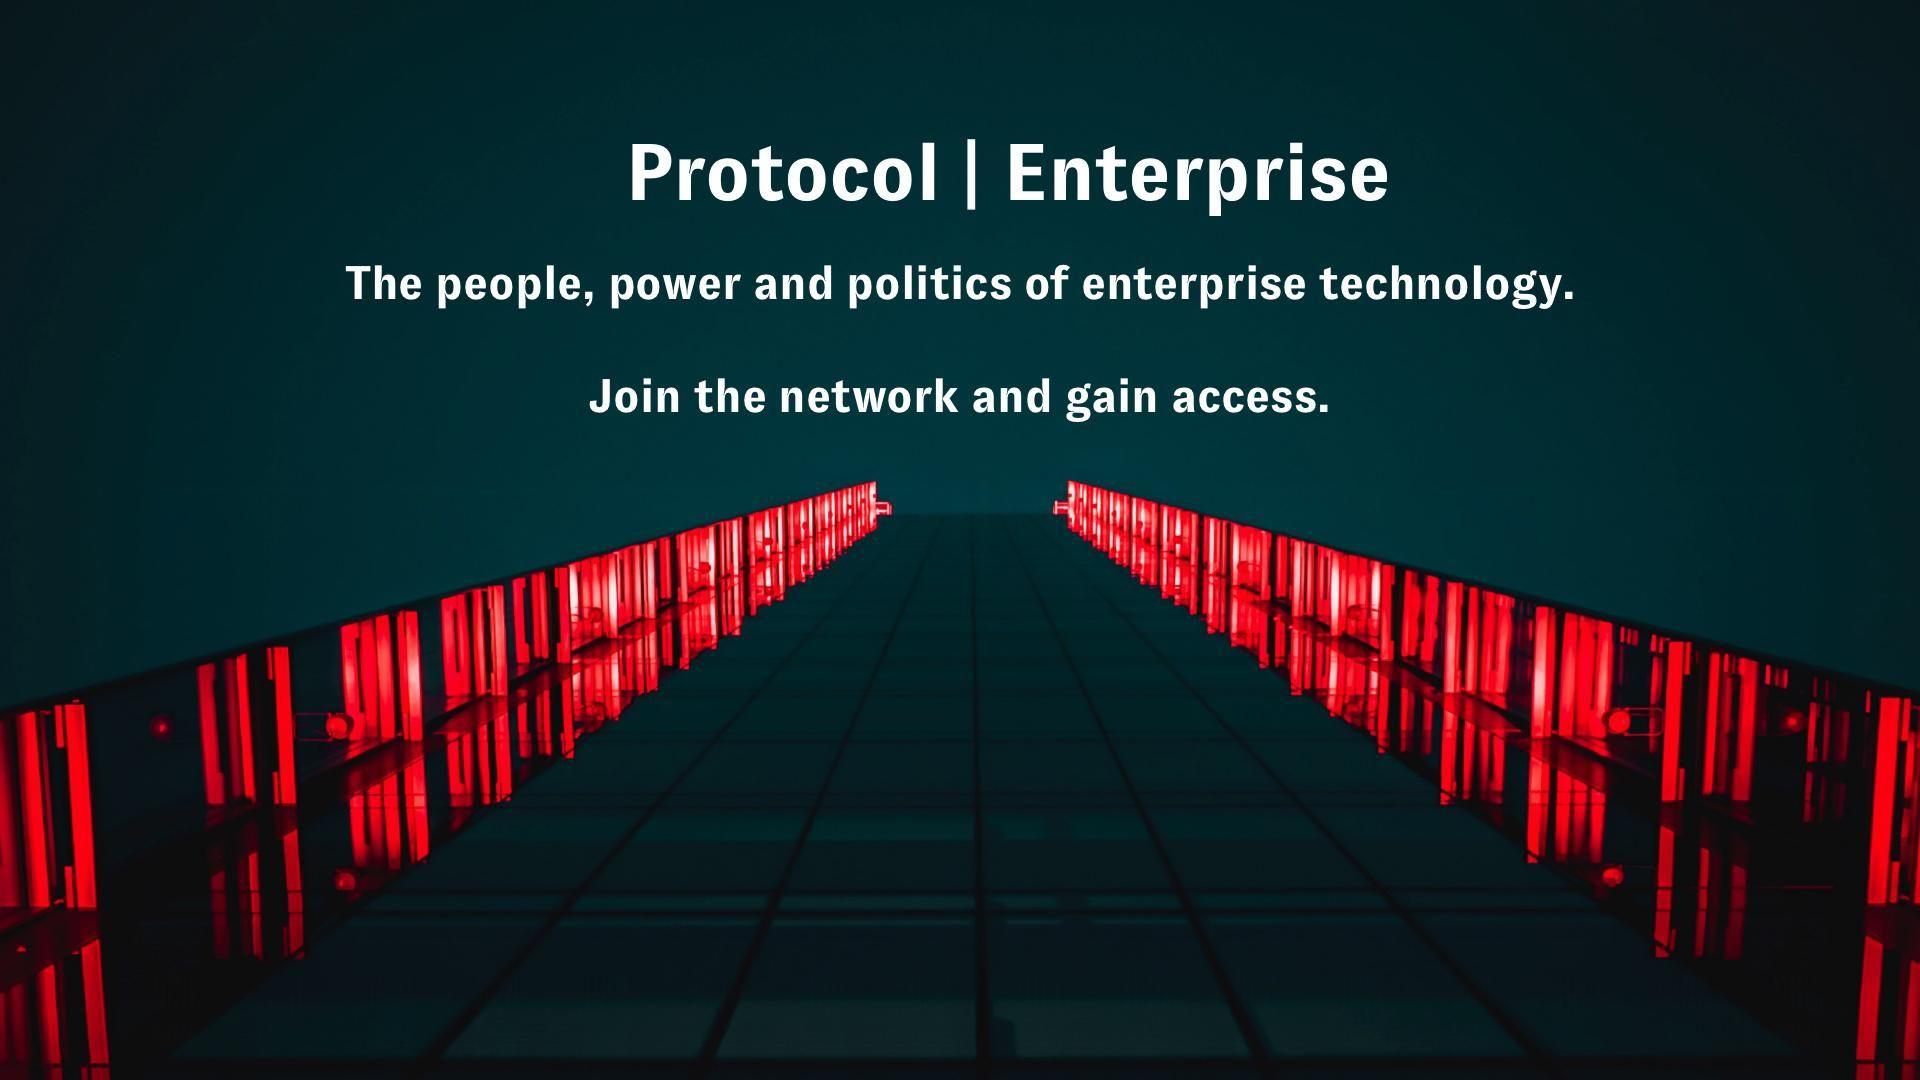 Protocol Enterprise